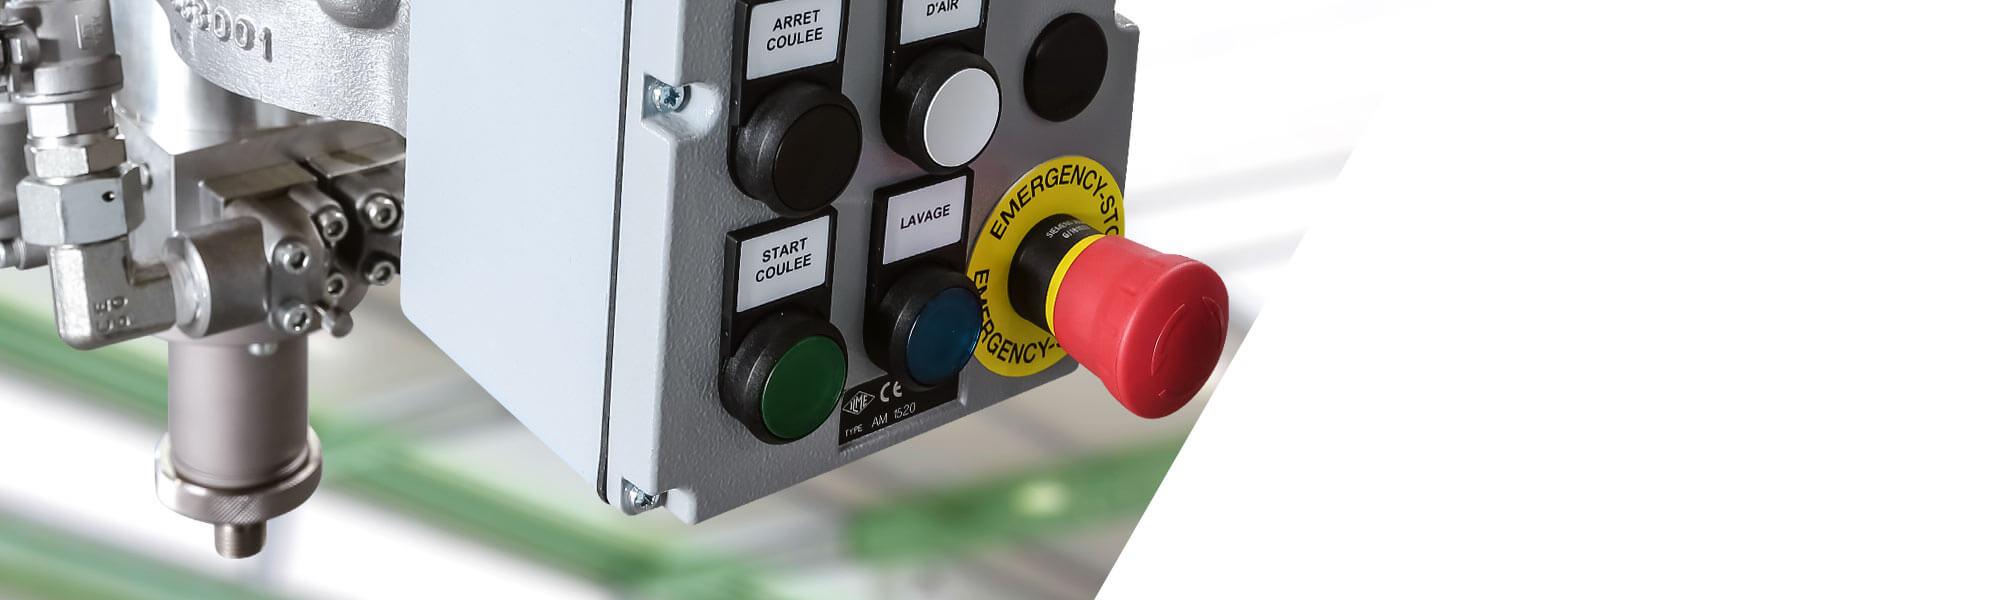 저압 ULTIMIX 교반기 믹스헤드는 반응성 성분의 안정적이고 균일한 혼합을 보장합니다.